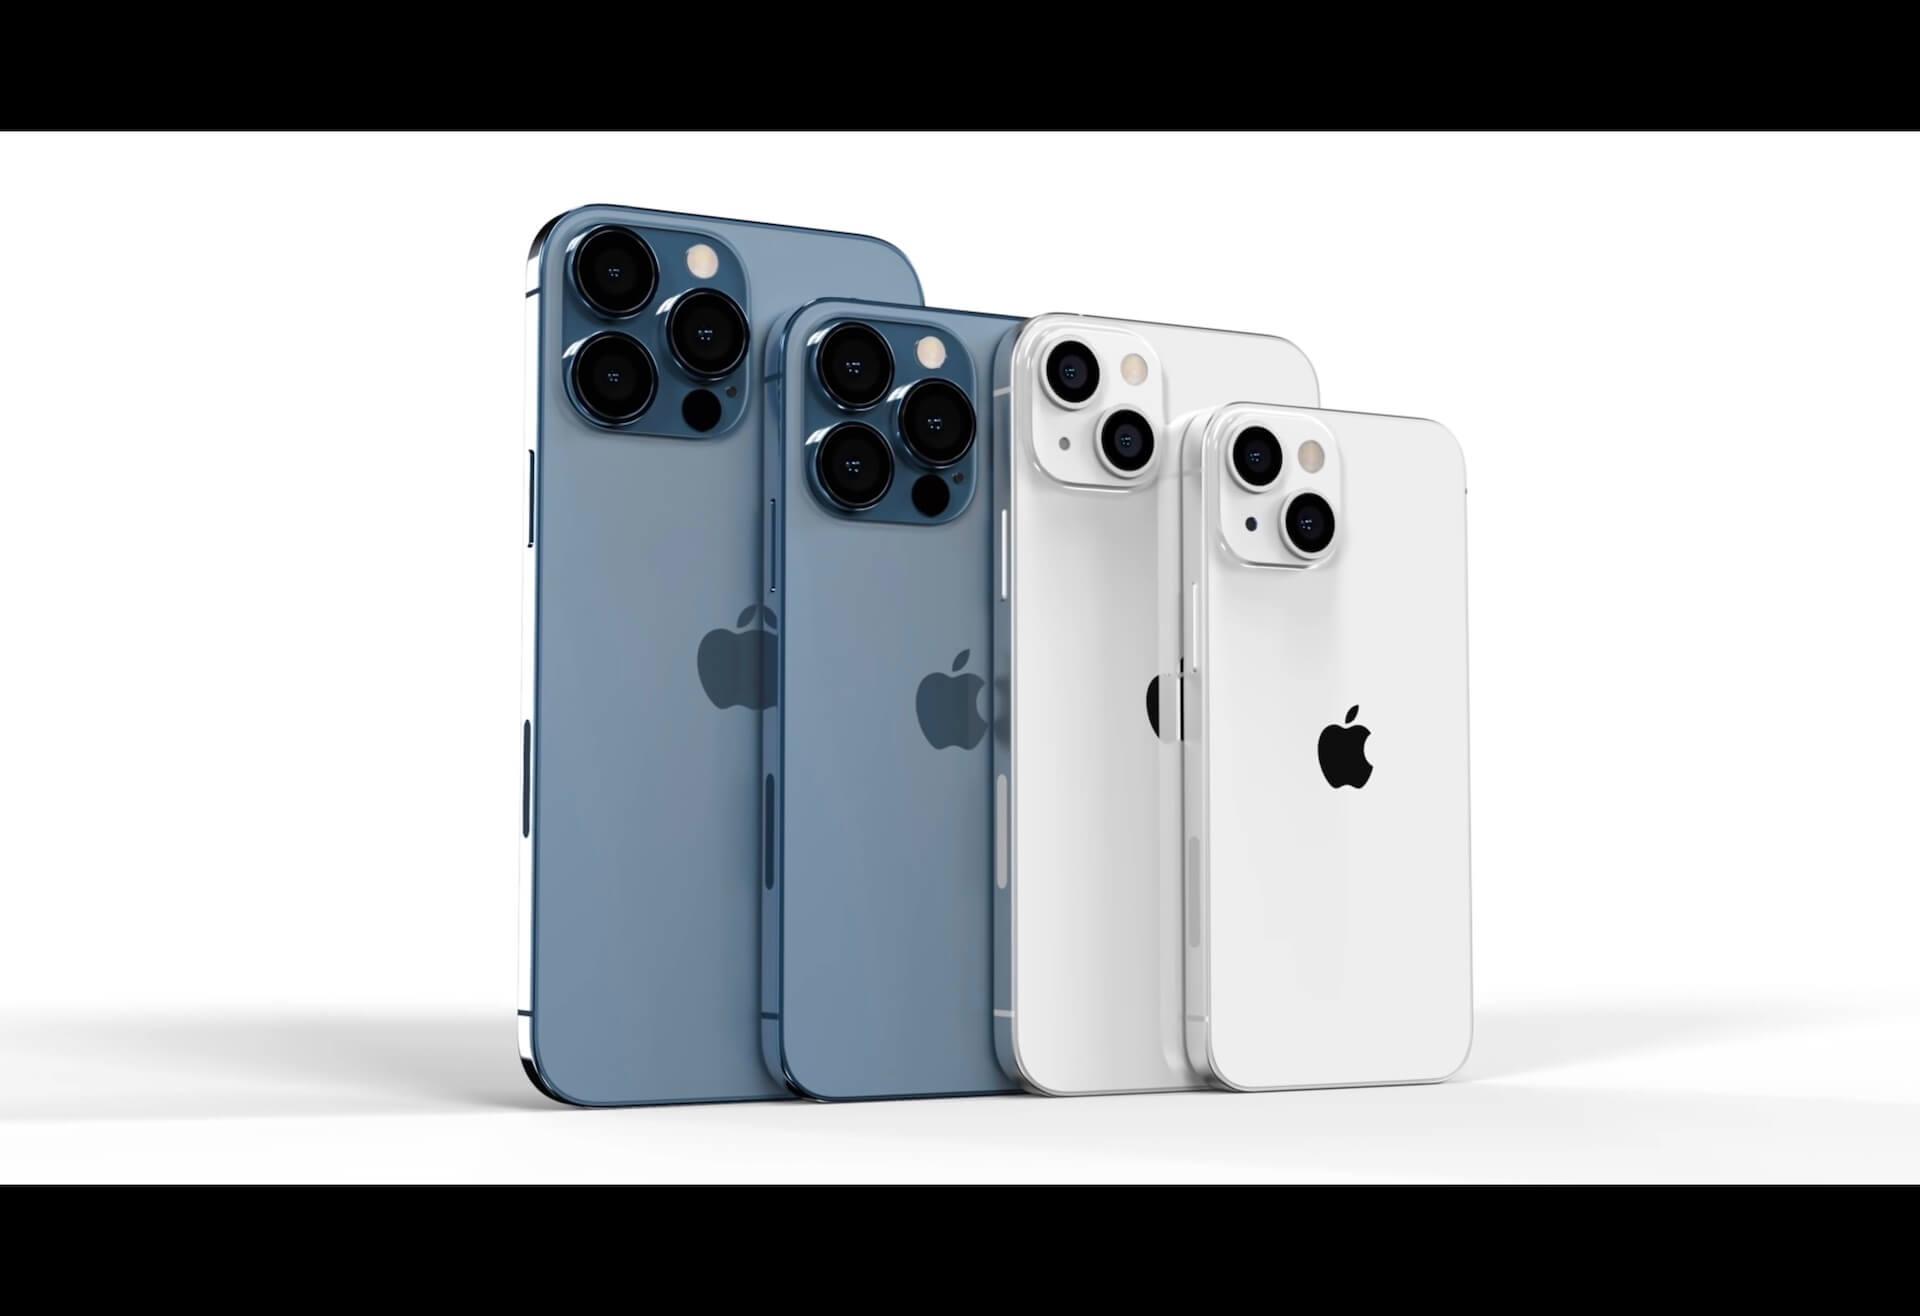 iPhone 13 Proシリーズのカメラレンズエリアは大きくなる!?CAD画像がリークか tech210604_iphone13_main